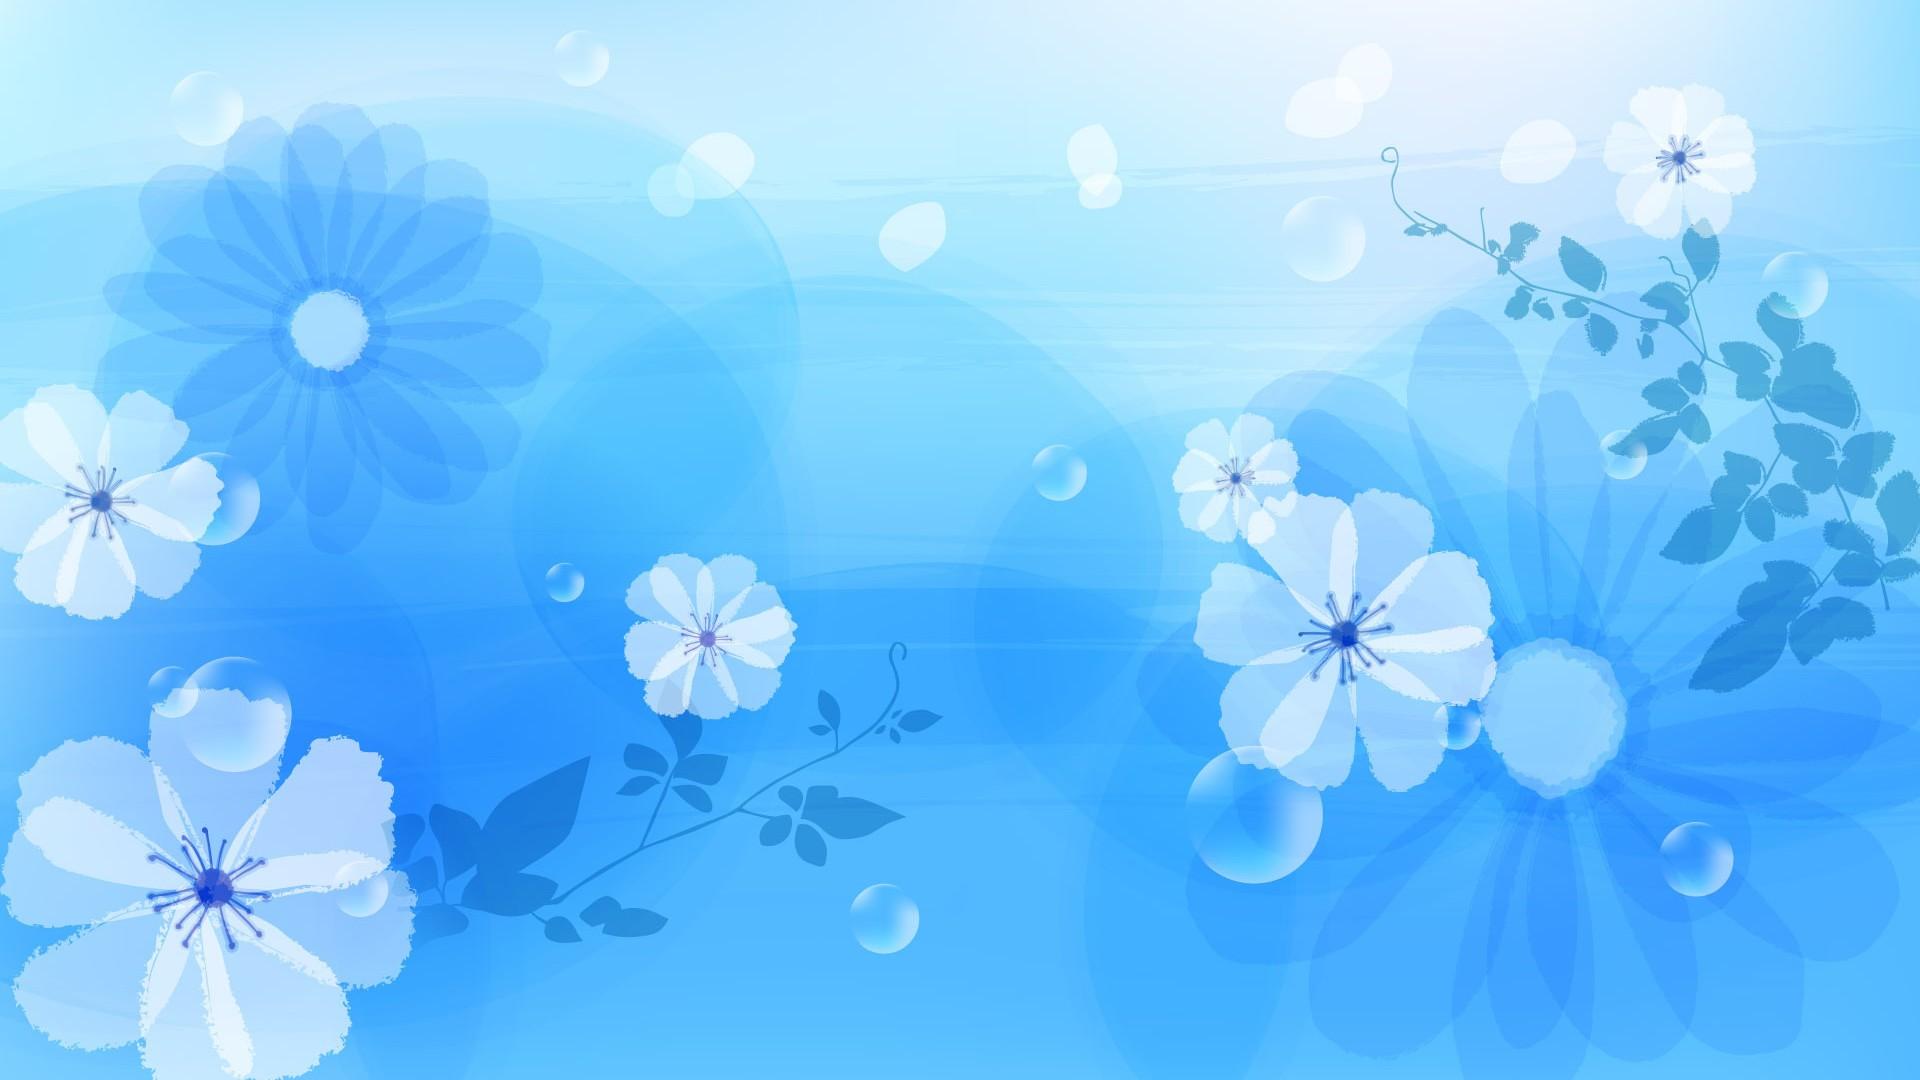 Light Blue Wallpaper   Wallpaper High Definition High Quality 1920x1080